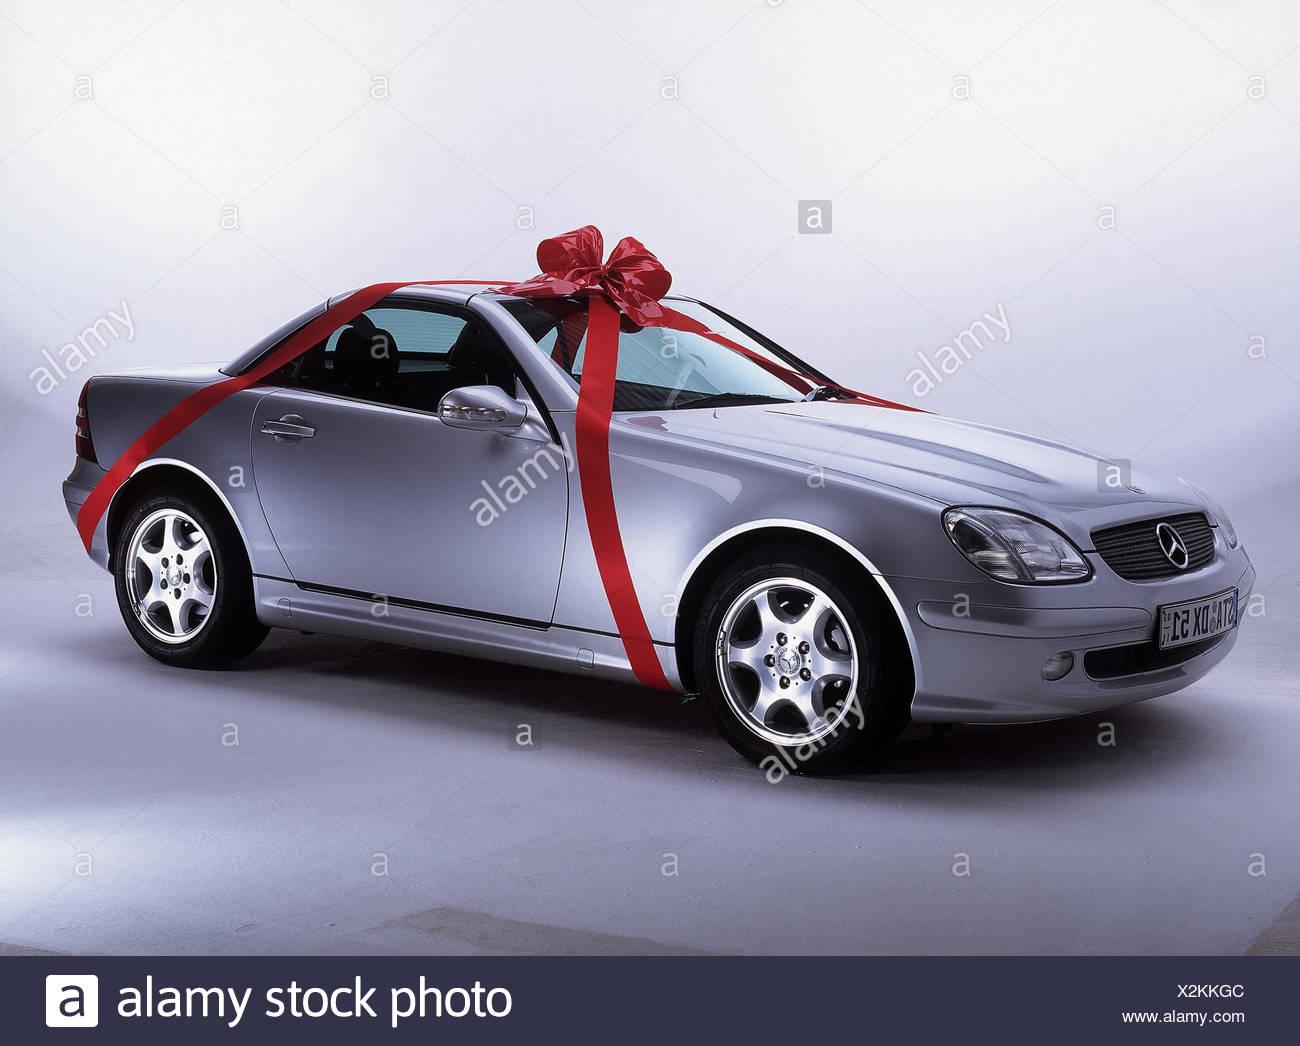 auto mercedes slk cabrio silber schleife rot gegenwart fahrzeug pkw f rderung autotype. Black Bedroom Furniture Sets. Home Design Ideas